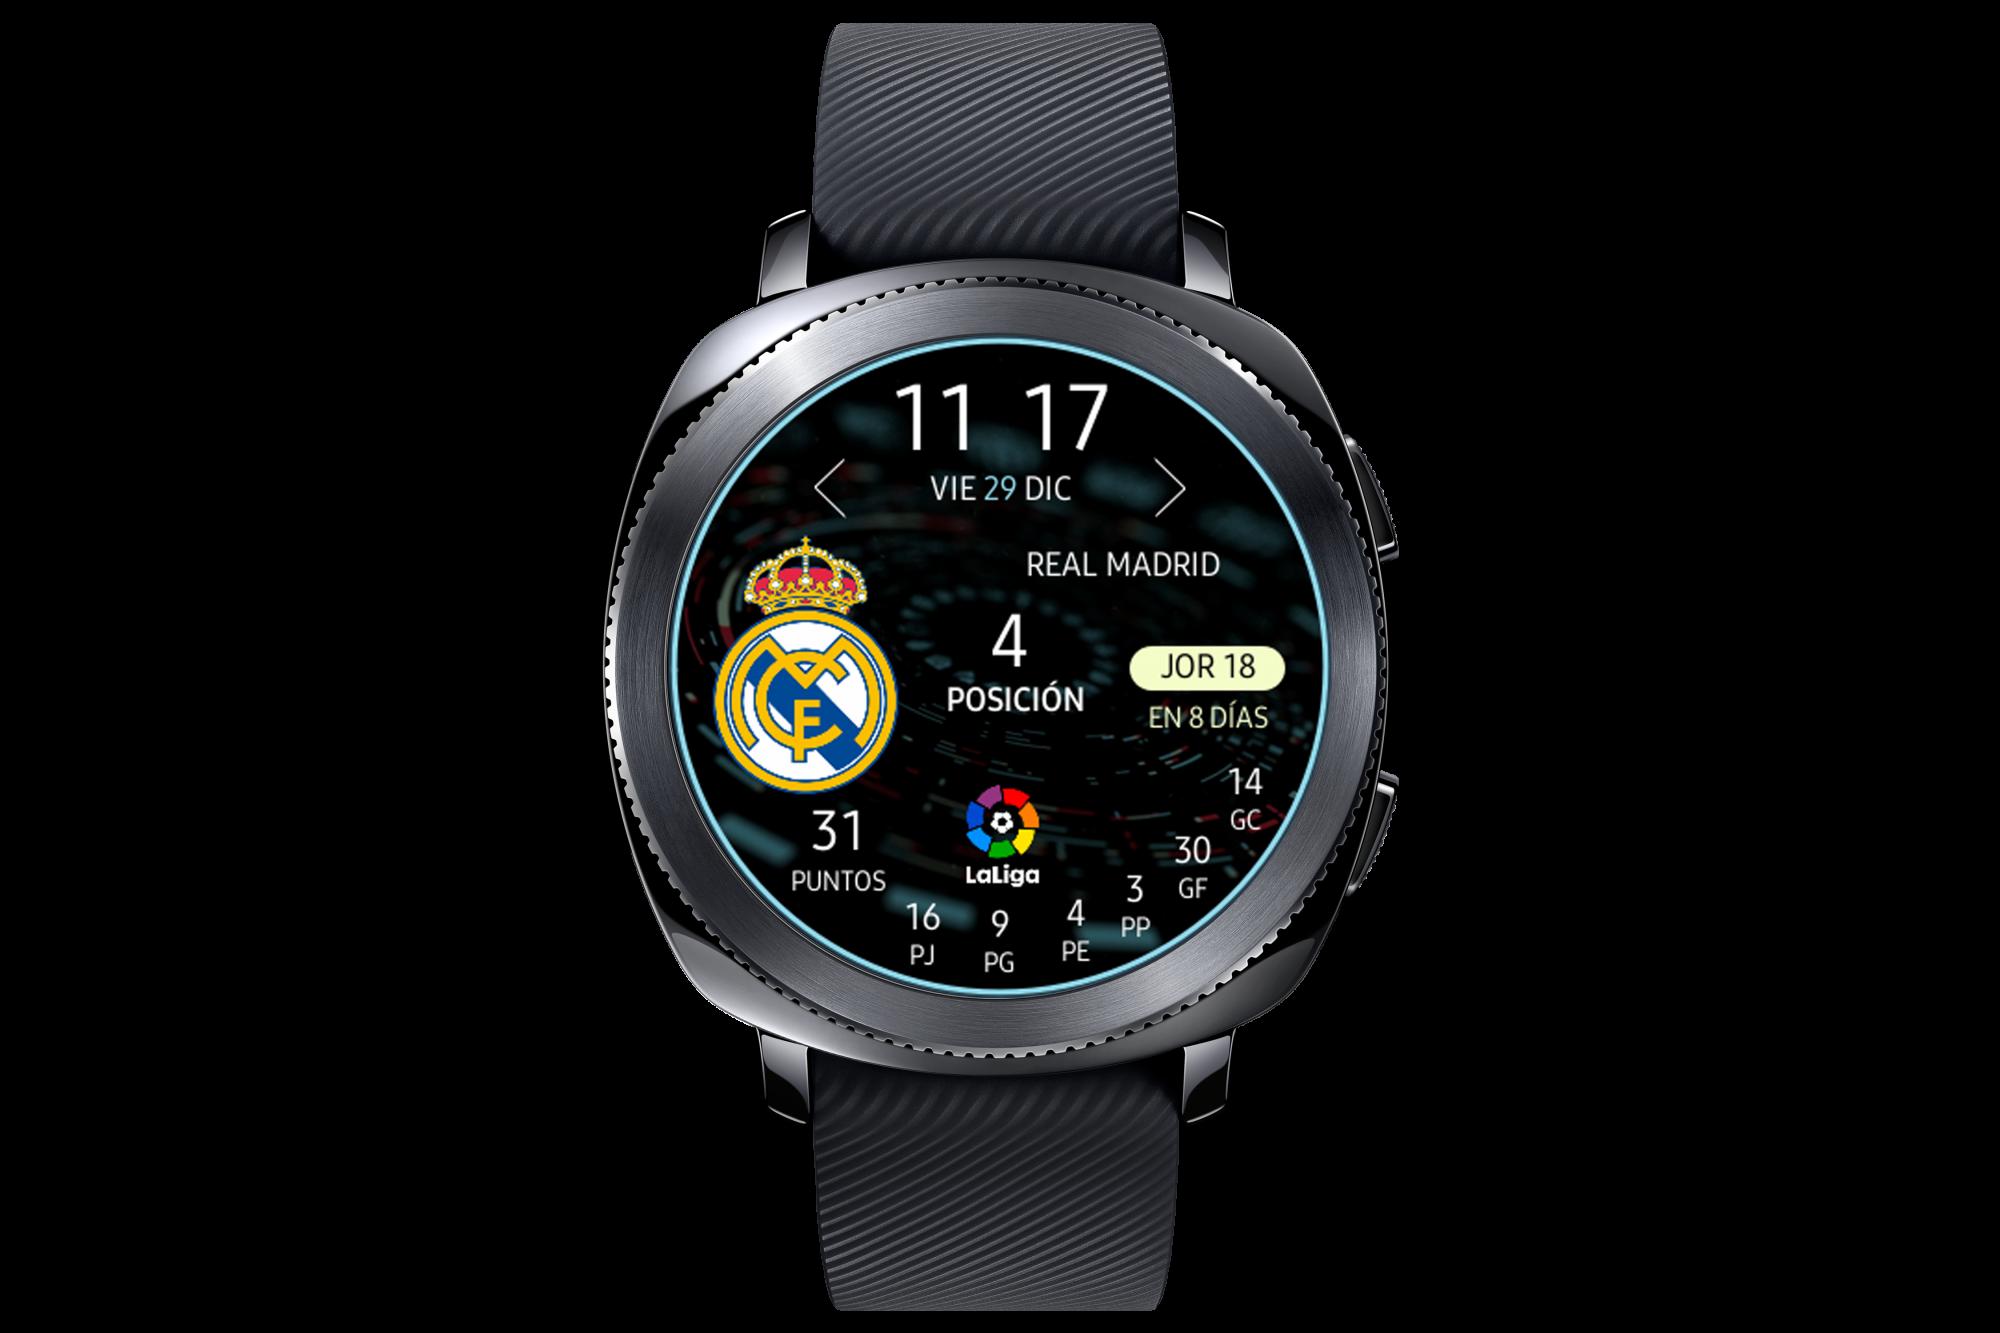 Samsung anuncia la nueva esfera de LaLiga para sus smartwatches